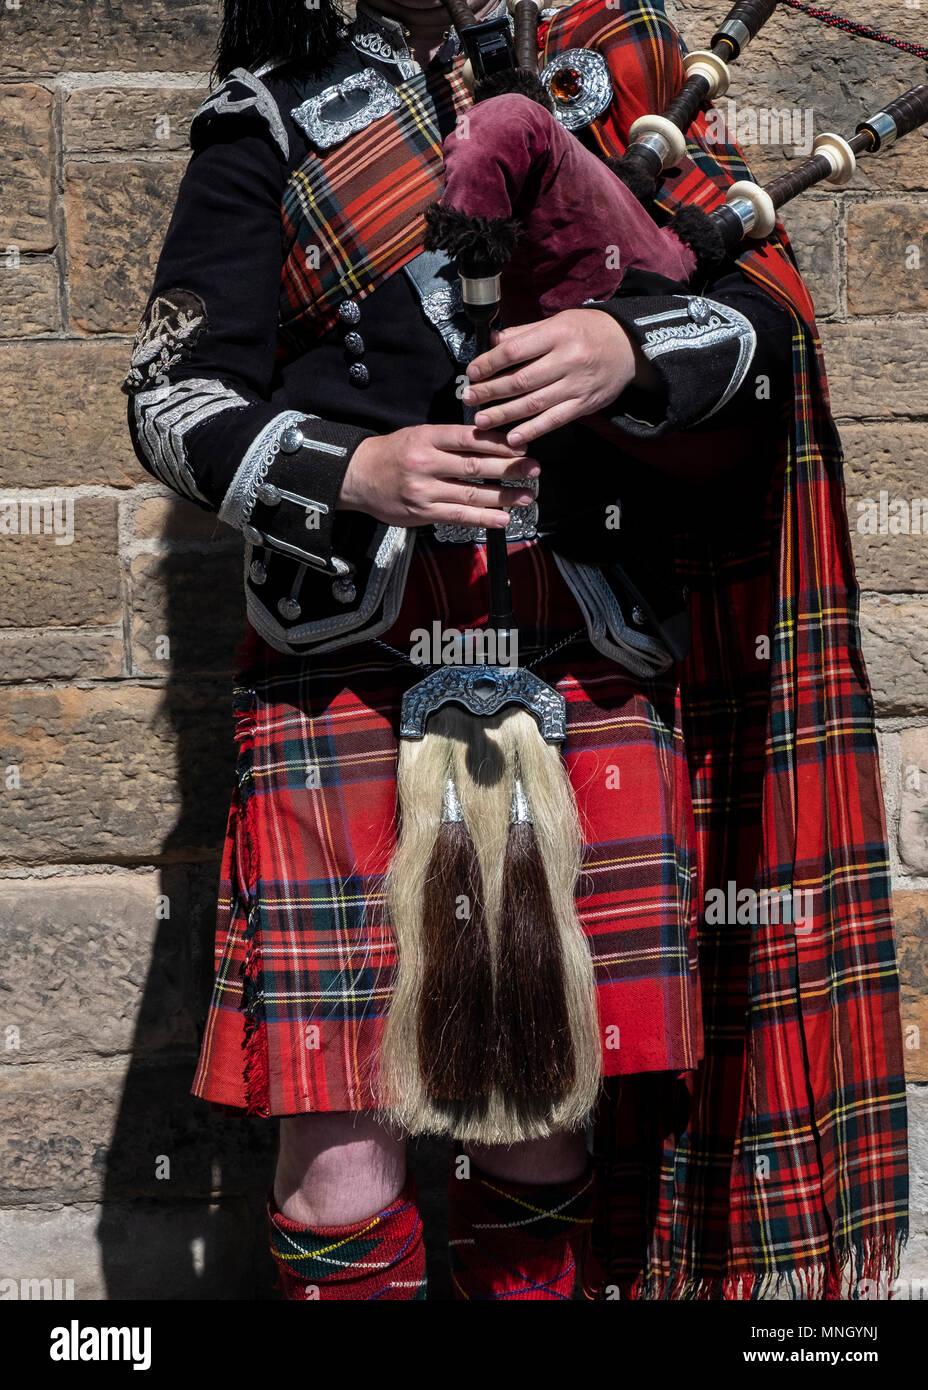 Vista de Traditional Scottish piper en tartan jugando para los turistas en la Royal Mile de Edimburgo, Escocia, Reino Unido Imagen De Stock